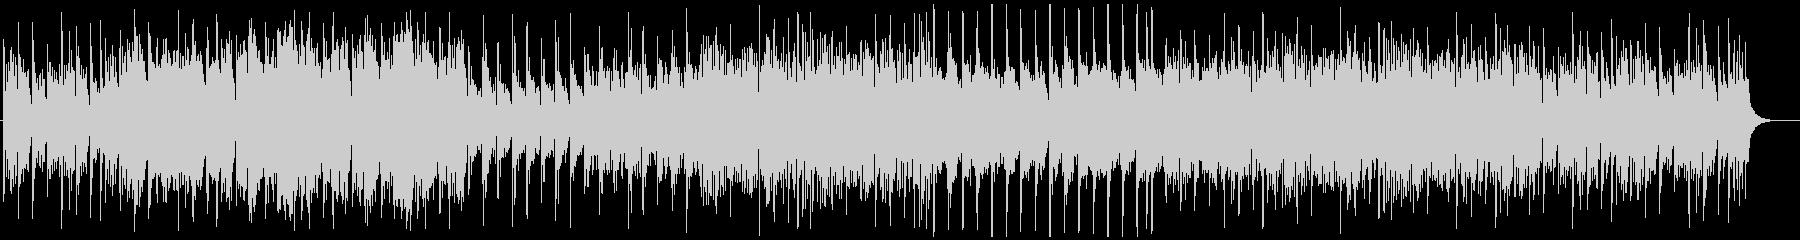 ケルト-北欧の森-ゆったり-アイリッシュの未再生の波形